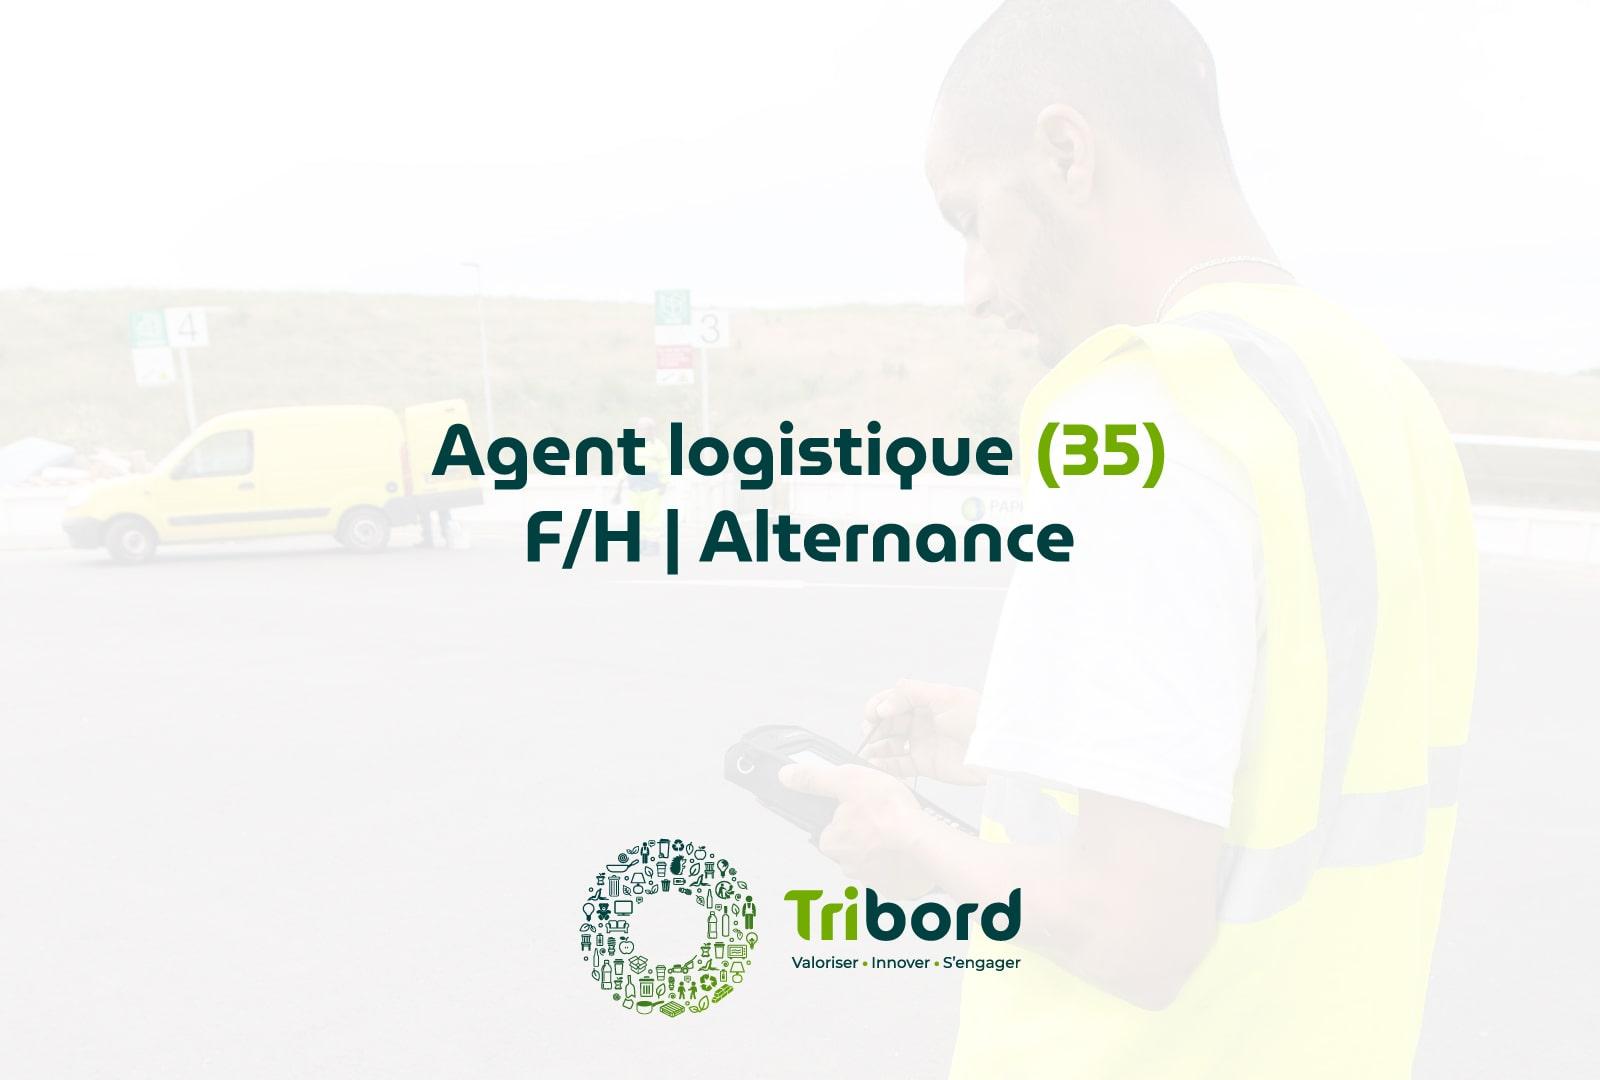 Offre Assistant logistique (35) En alternance